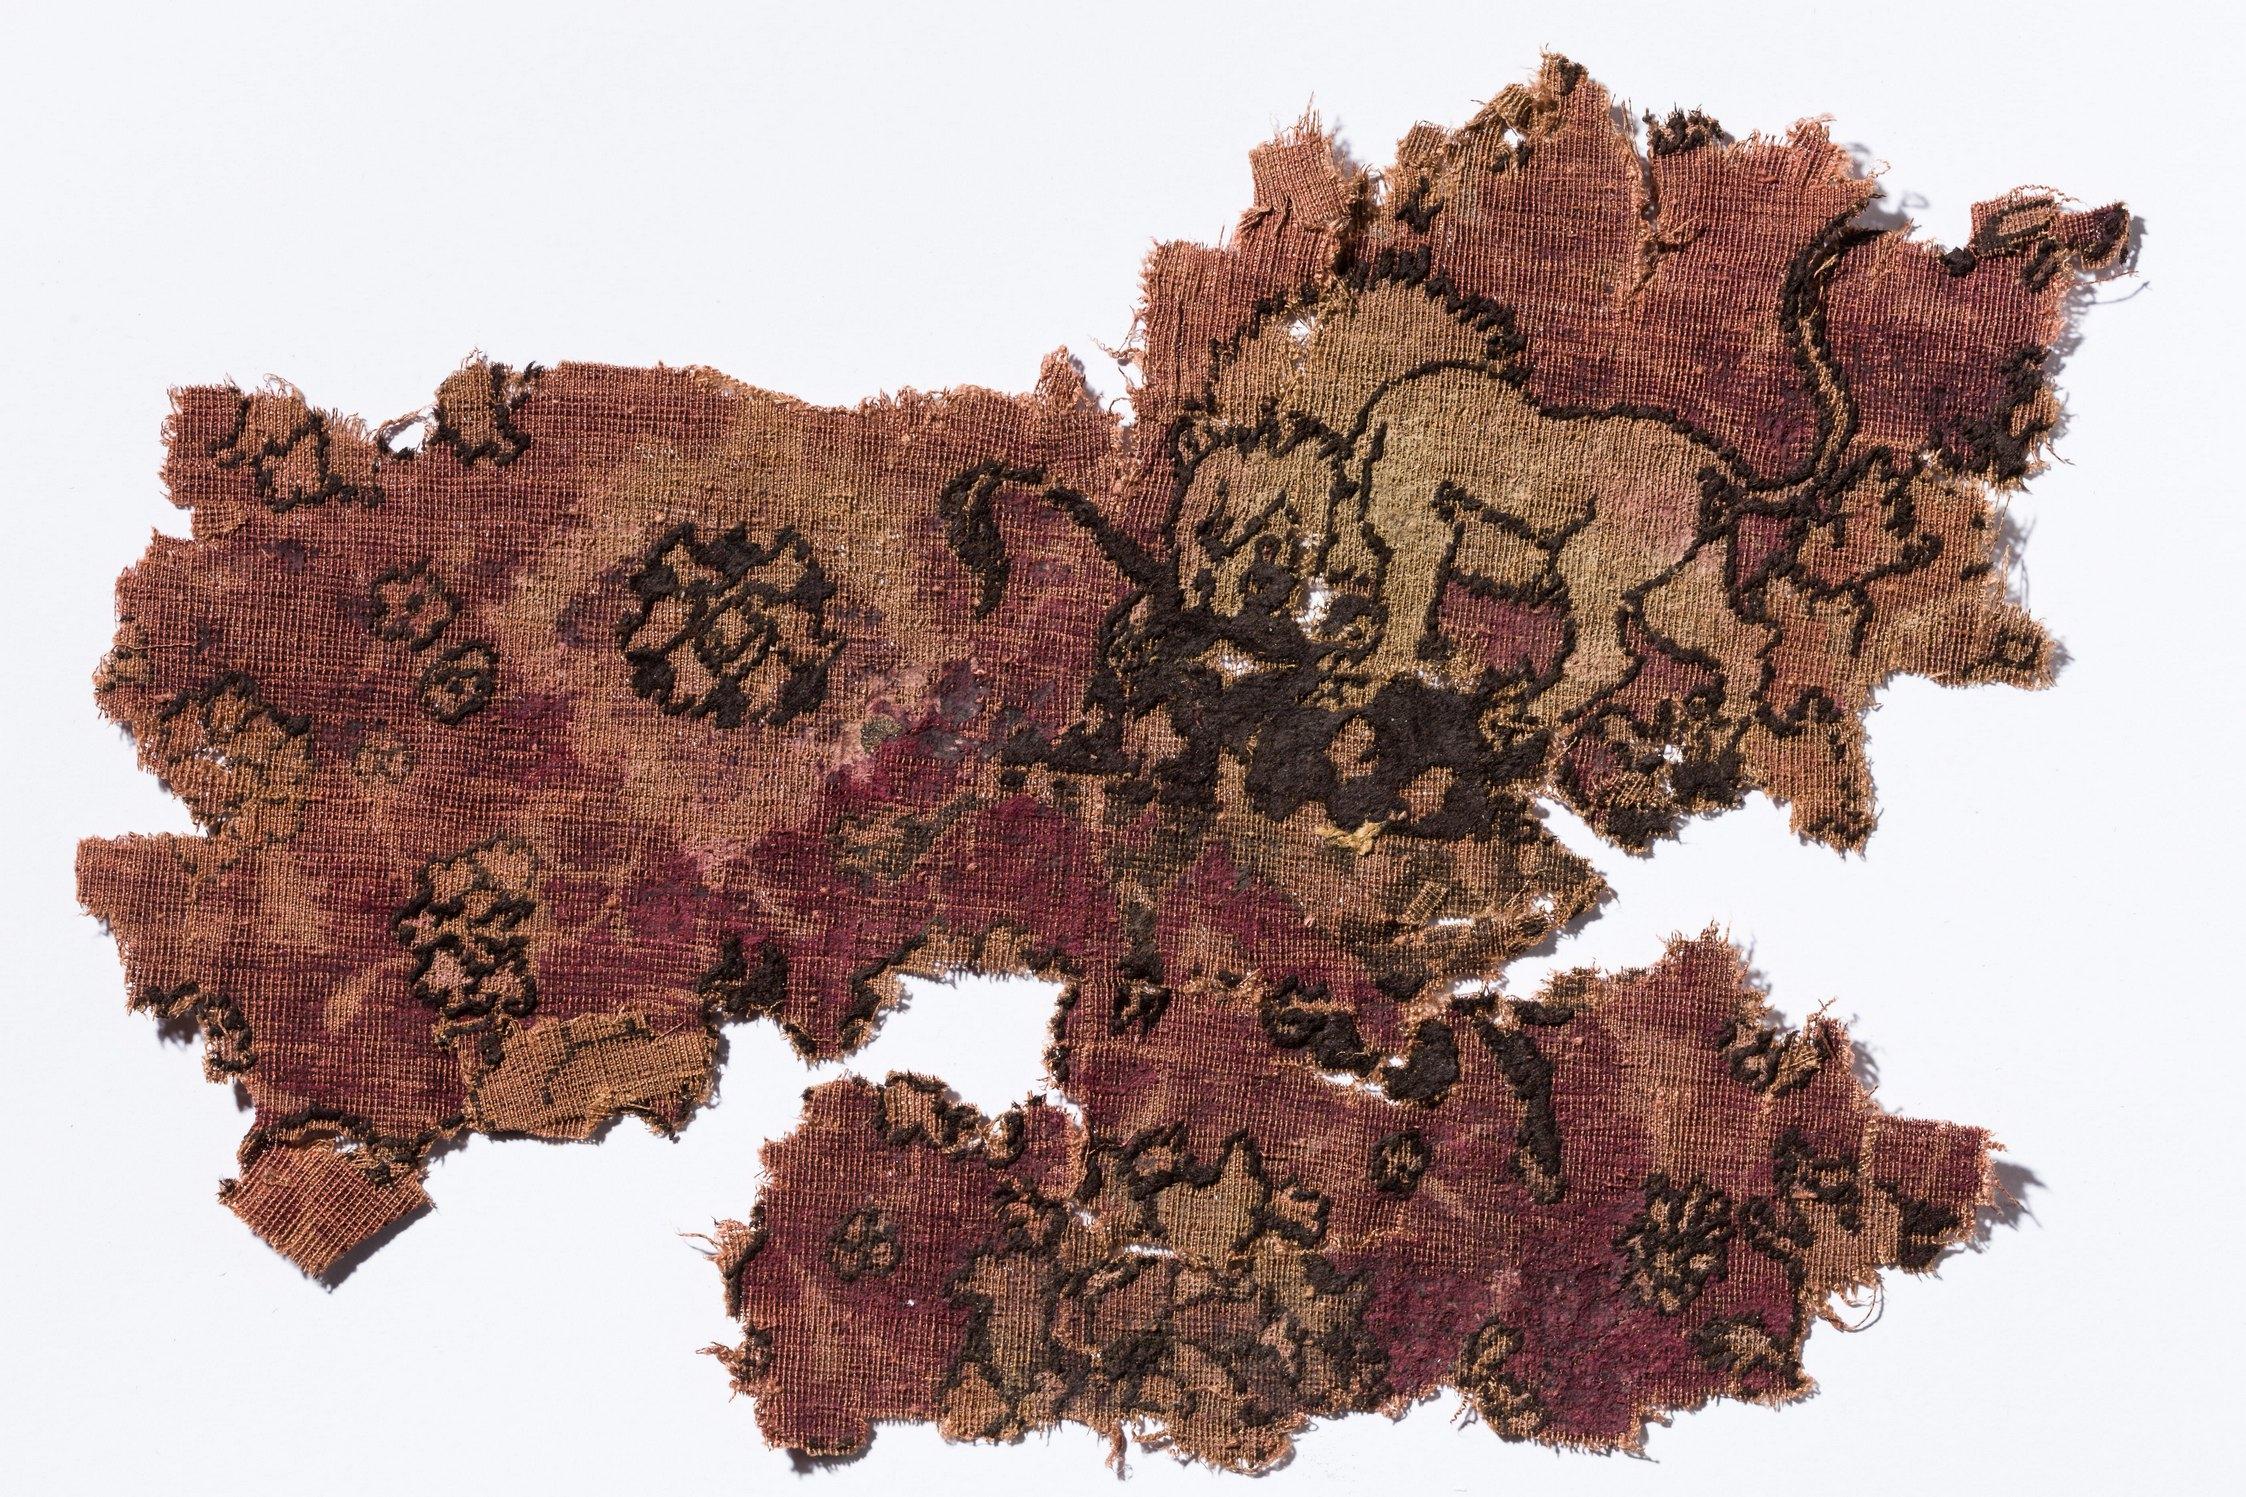 Neues vom Texel-Wrack: Ausstellung zeigt einzigartige Teppich-Fragmente